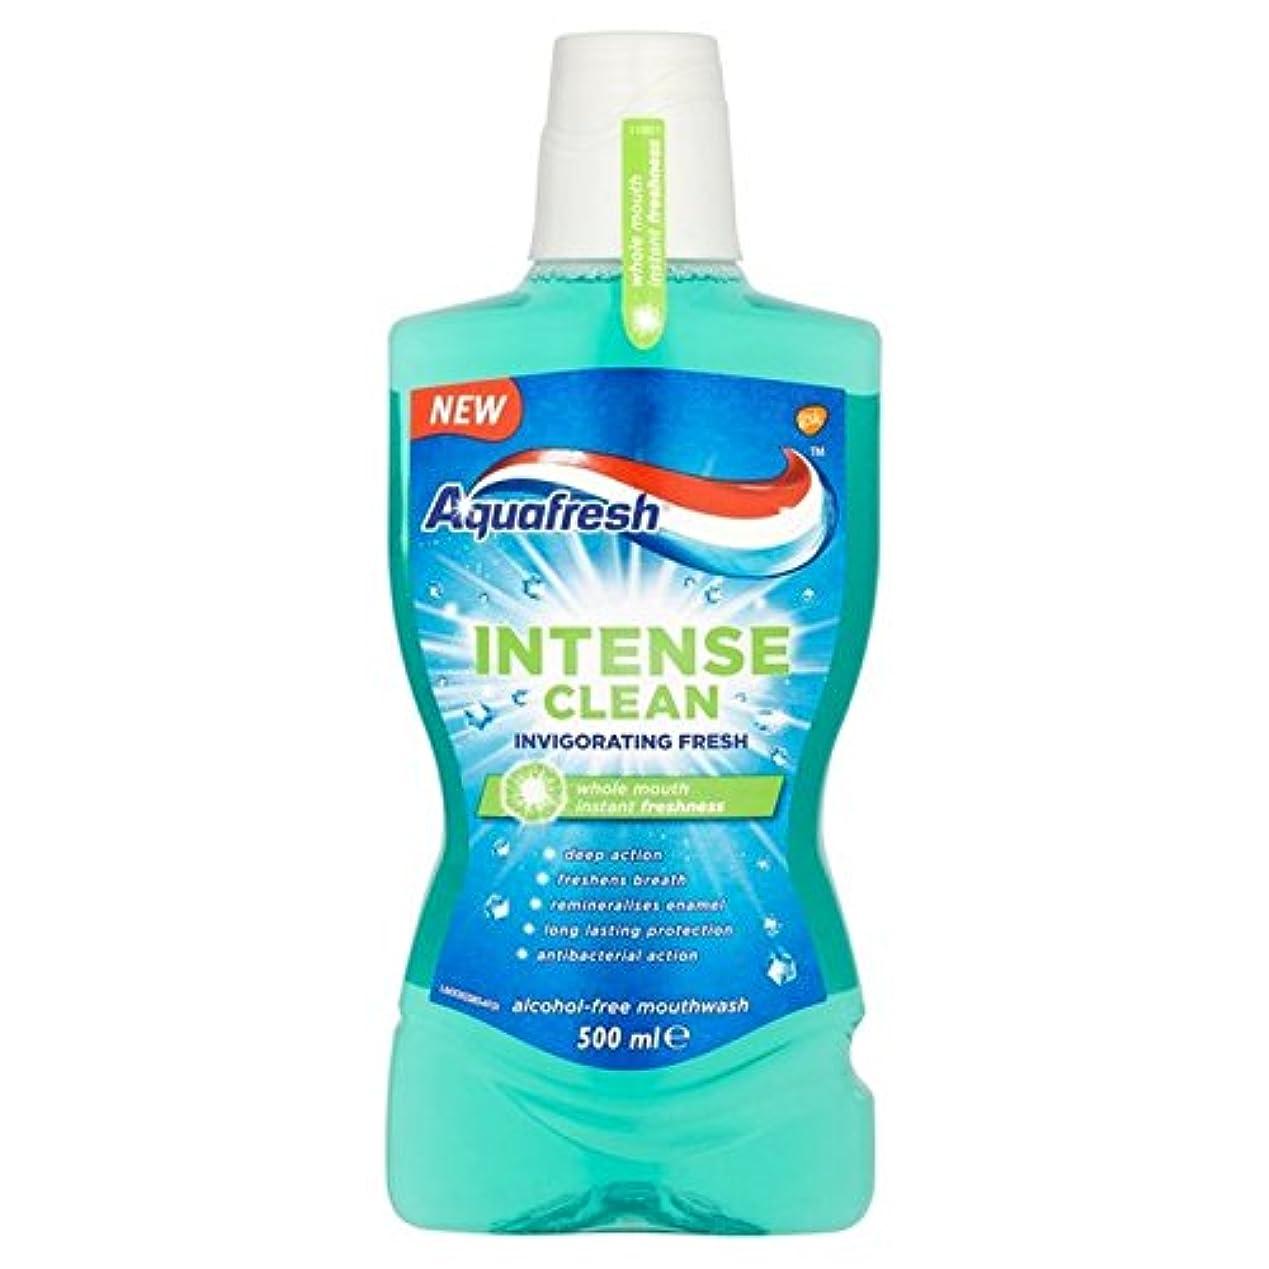 ふざけた罰精査Aquafresh Intense Clean Invigorating Wash 500ml (Pack of 6) - アクアフレッシュ強烈なきれいな爽快ウォッシュ500ミリリットル x6 [並行輸入品]